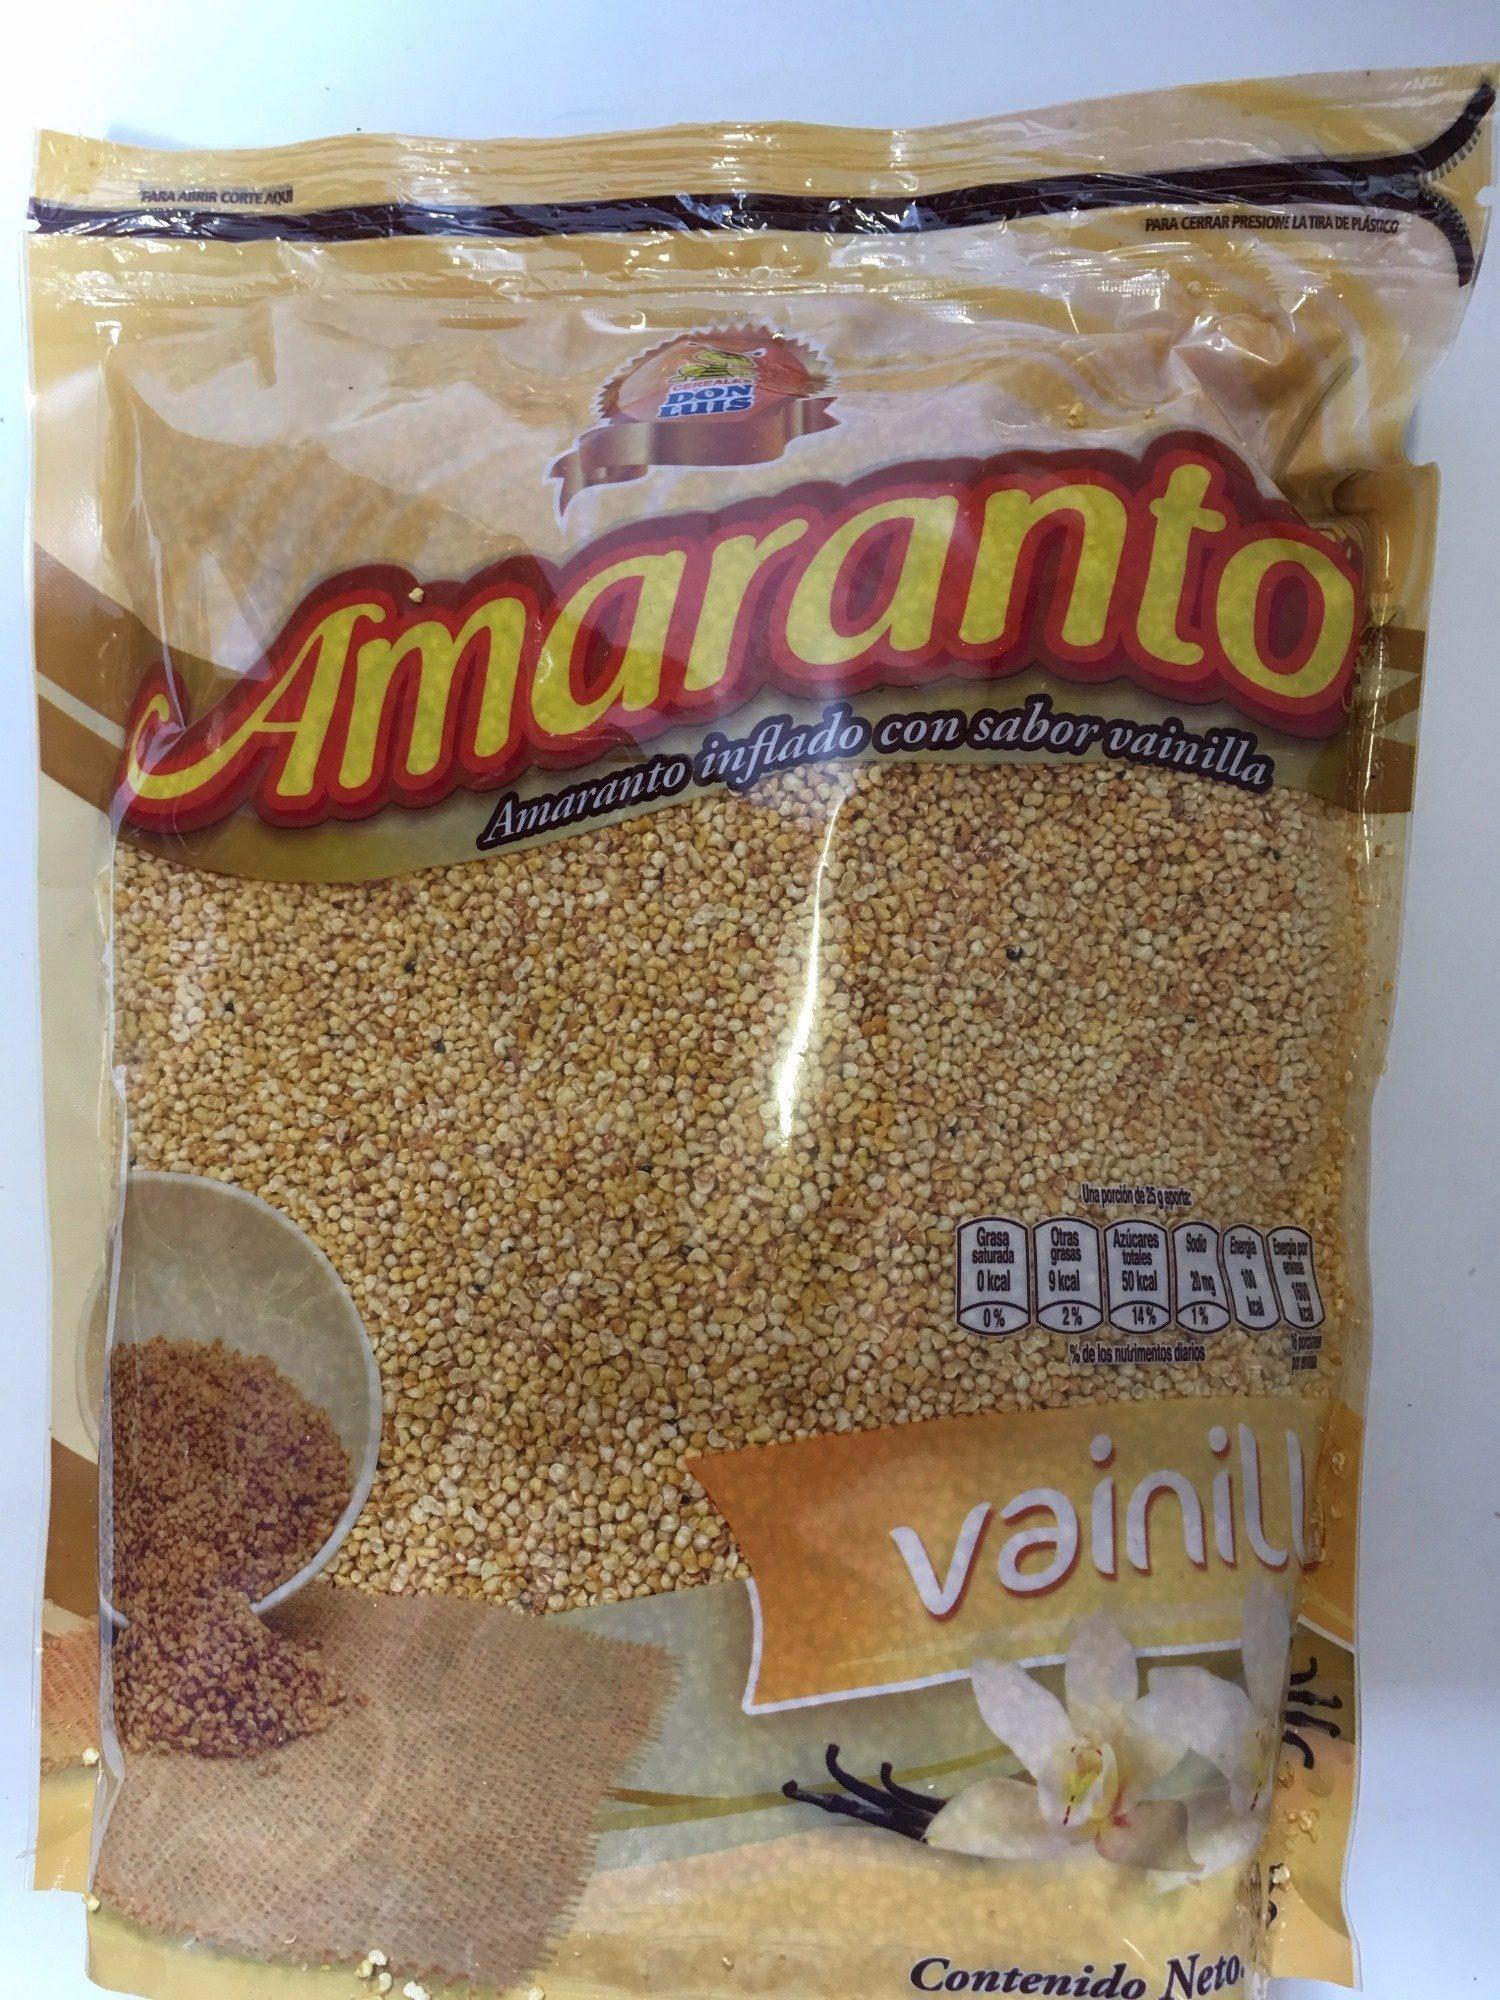 Amaranto sabor vainilla - Product - es